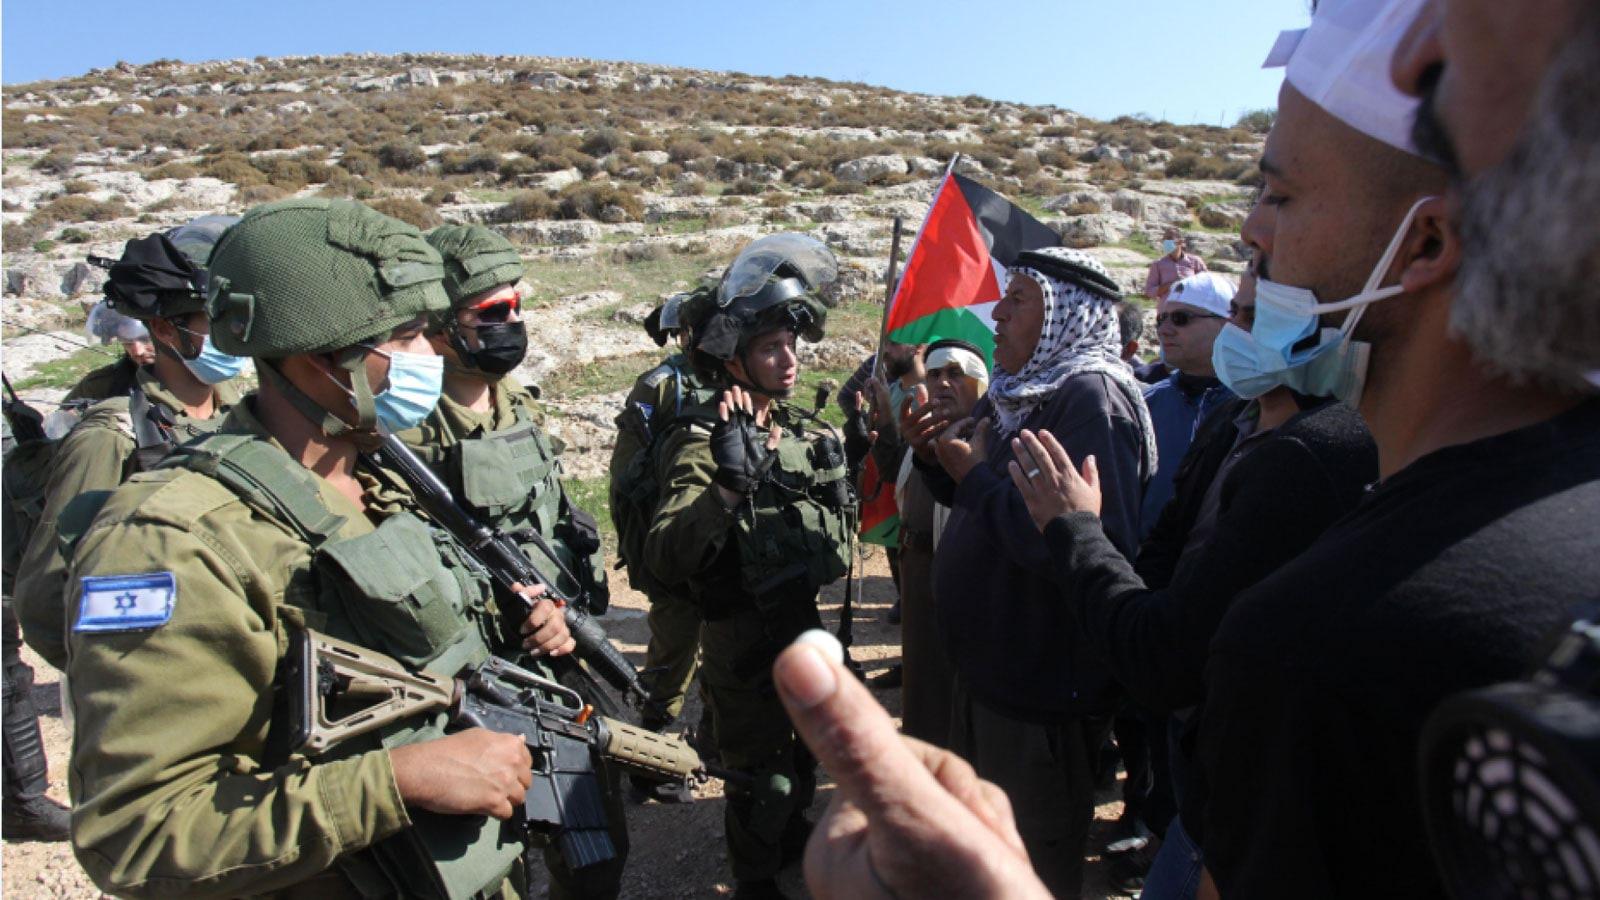 إصابة عشرات الفلسطينيين بمواجهات مع الجيش الإسرائيلي في الضفة الغربية